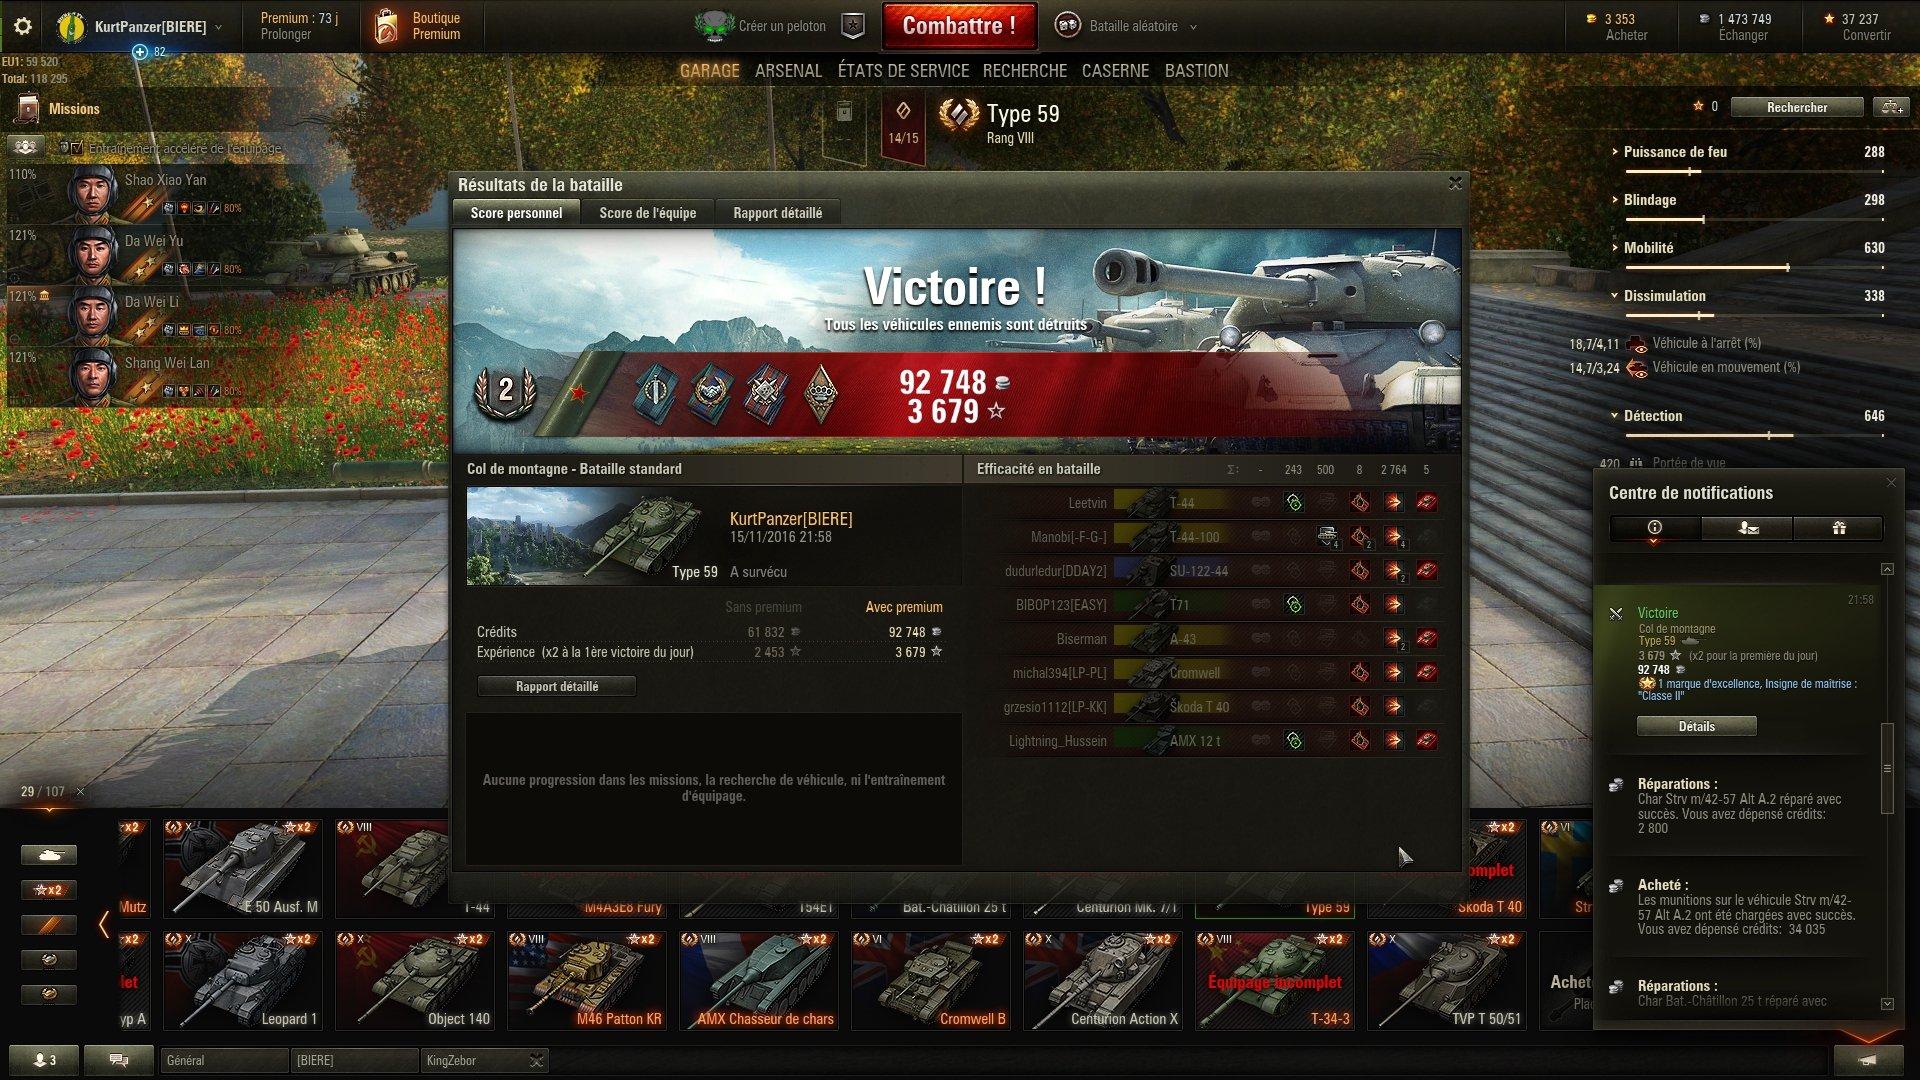 Screenshots et rapports de batailles - Page 12 8abe5f82-17d2-41e6-b3c2-0c1adc0c1769